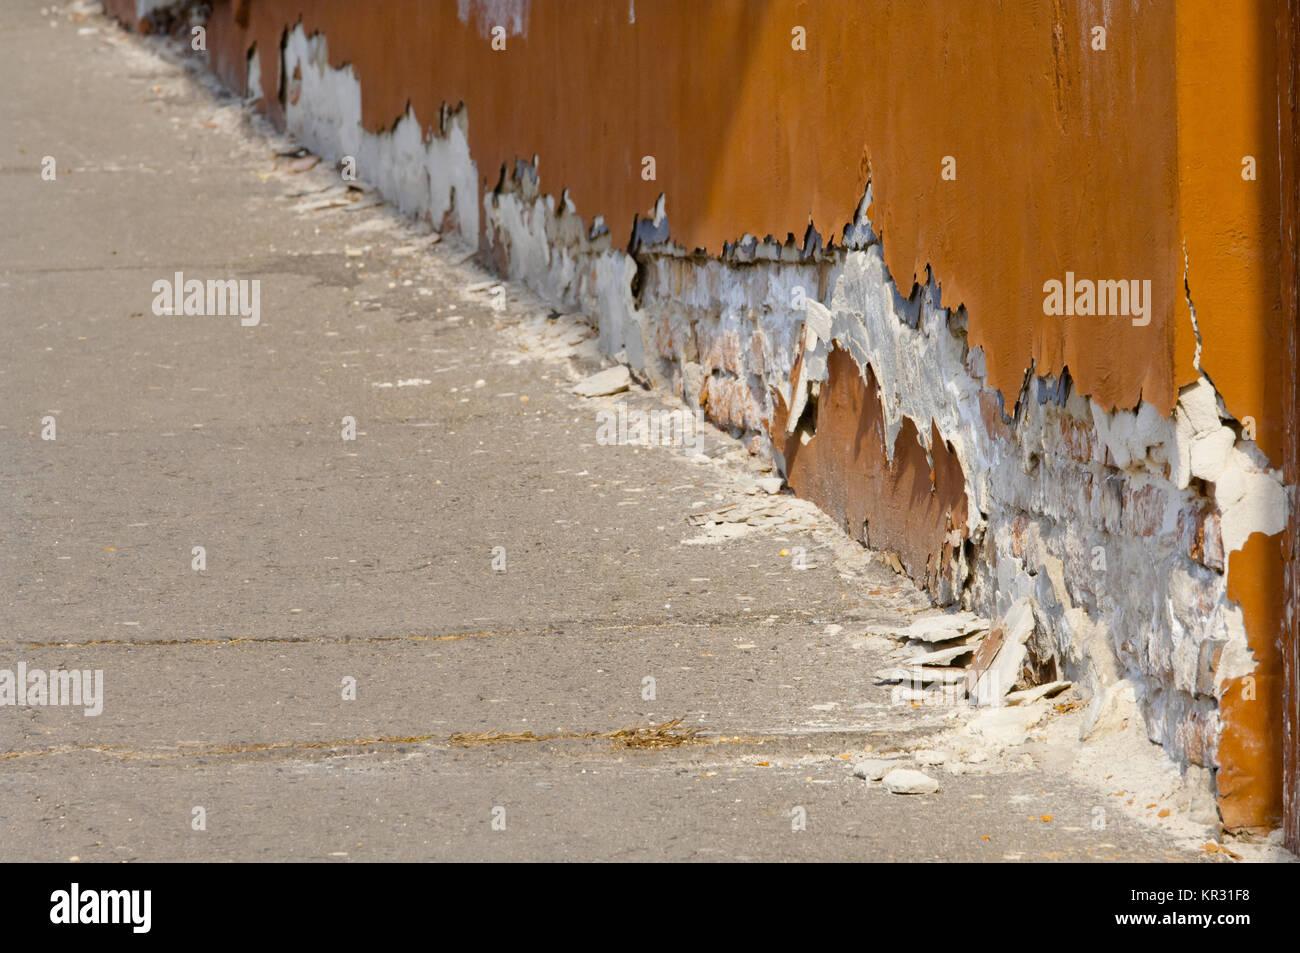 Berühmt Salpeter Salpeter oder auf alten grunge Wand Grundlage Stockfoto YB72